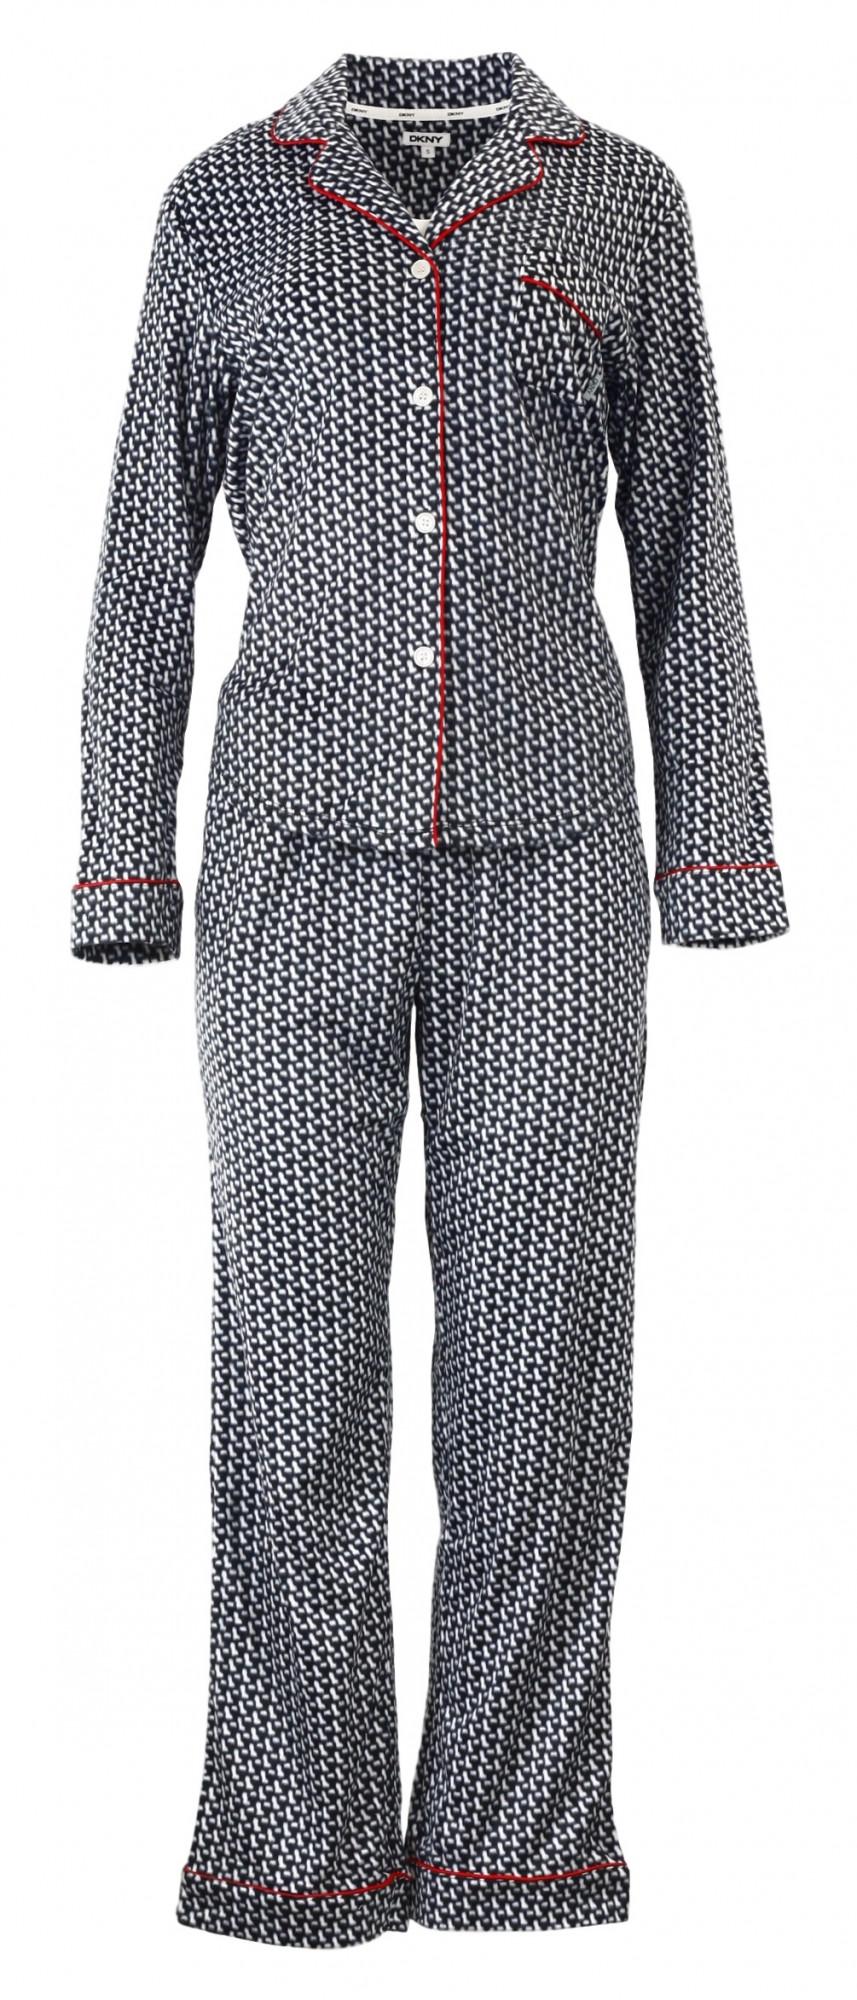 Dámské pyžamo YI2713489 - DKNY Barva: černobílá, Velikost: XS